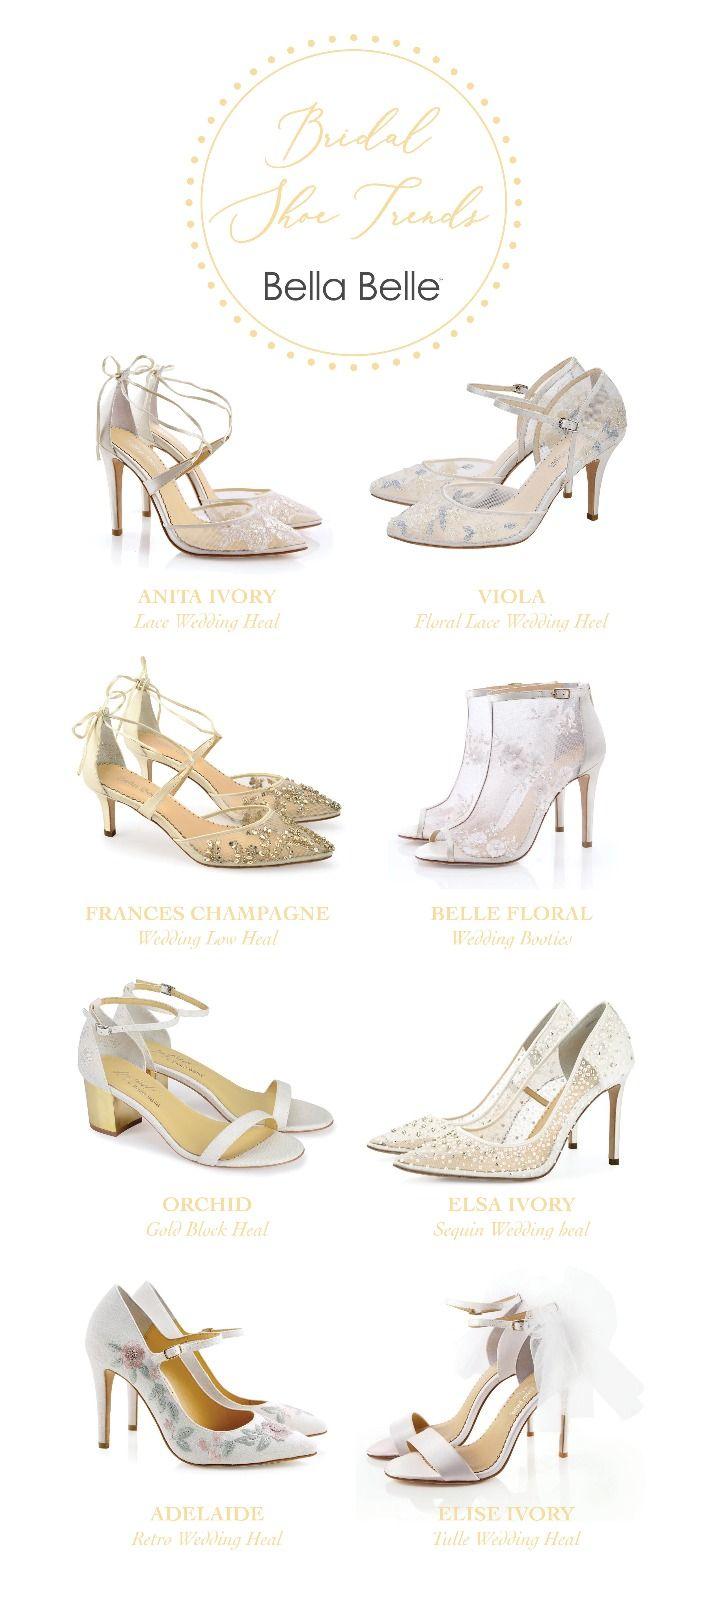 2019 Best Shoe Trend Bridal Shoes Pretty Heels Shoes